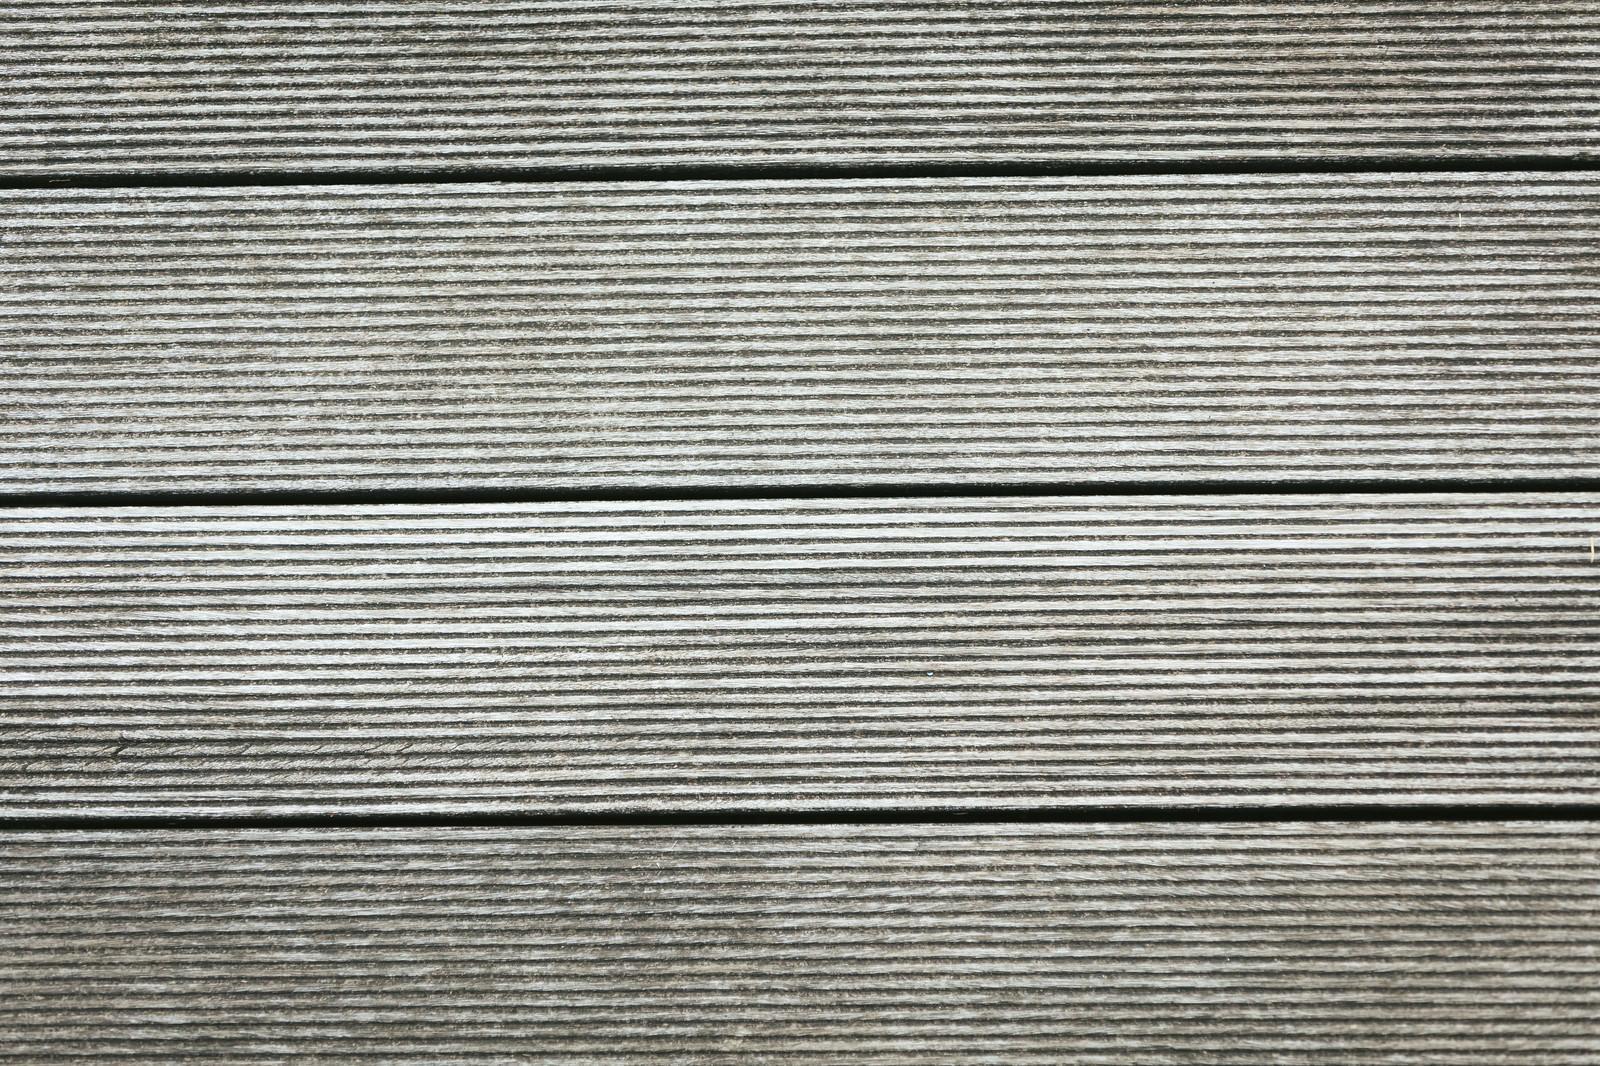 「足場の木の板(テクスチャ)」の写真